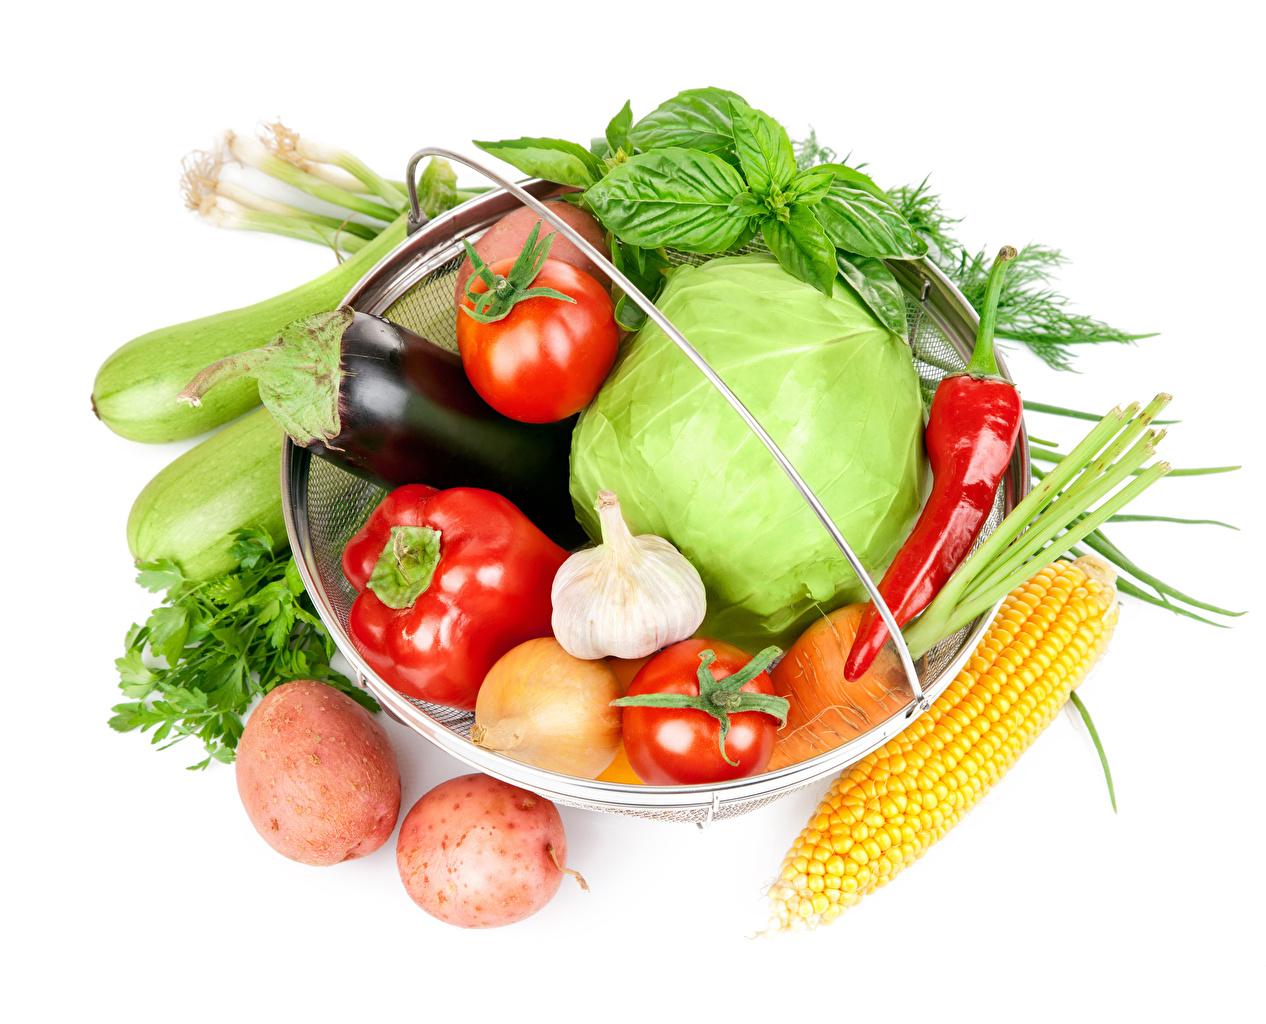 Фото Томаты Капуста Кукуруза картошка Еда Перец Овощи белом фоне Помидоры Картофель Пища Продукты питания Белый фон белым фоном